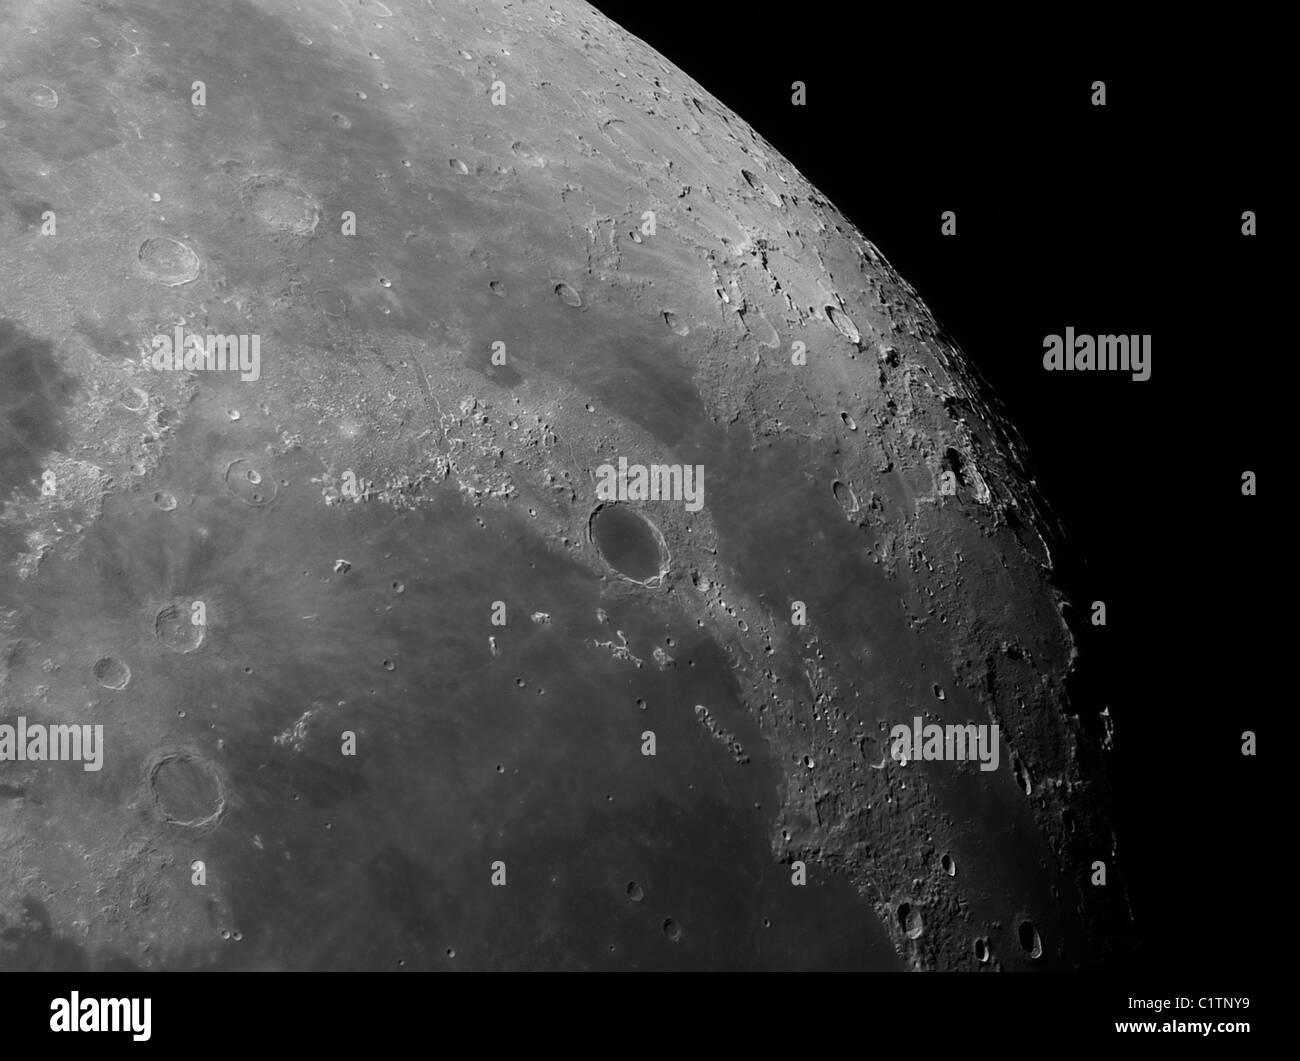 Vista cercana de la luna mostrando el impacto cráter Platón. Imagen De Stock